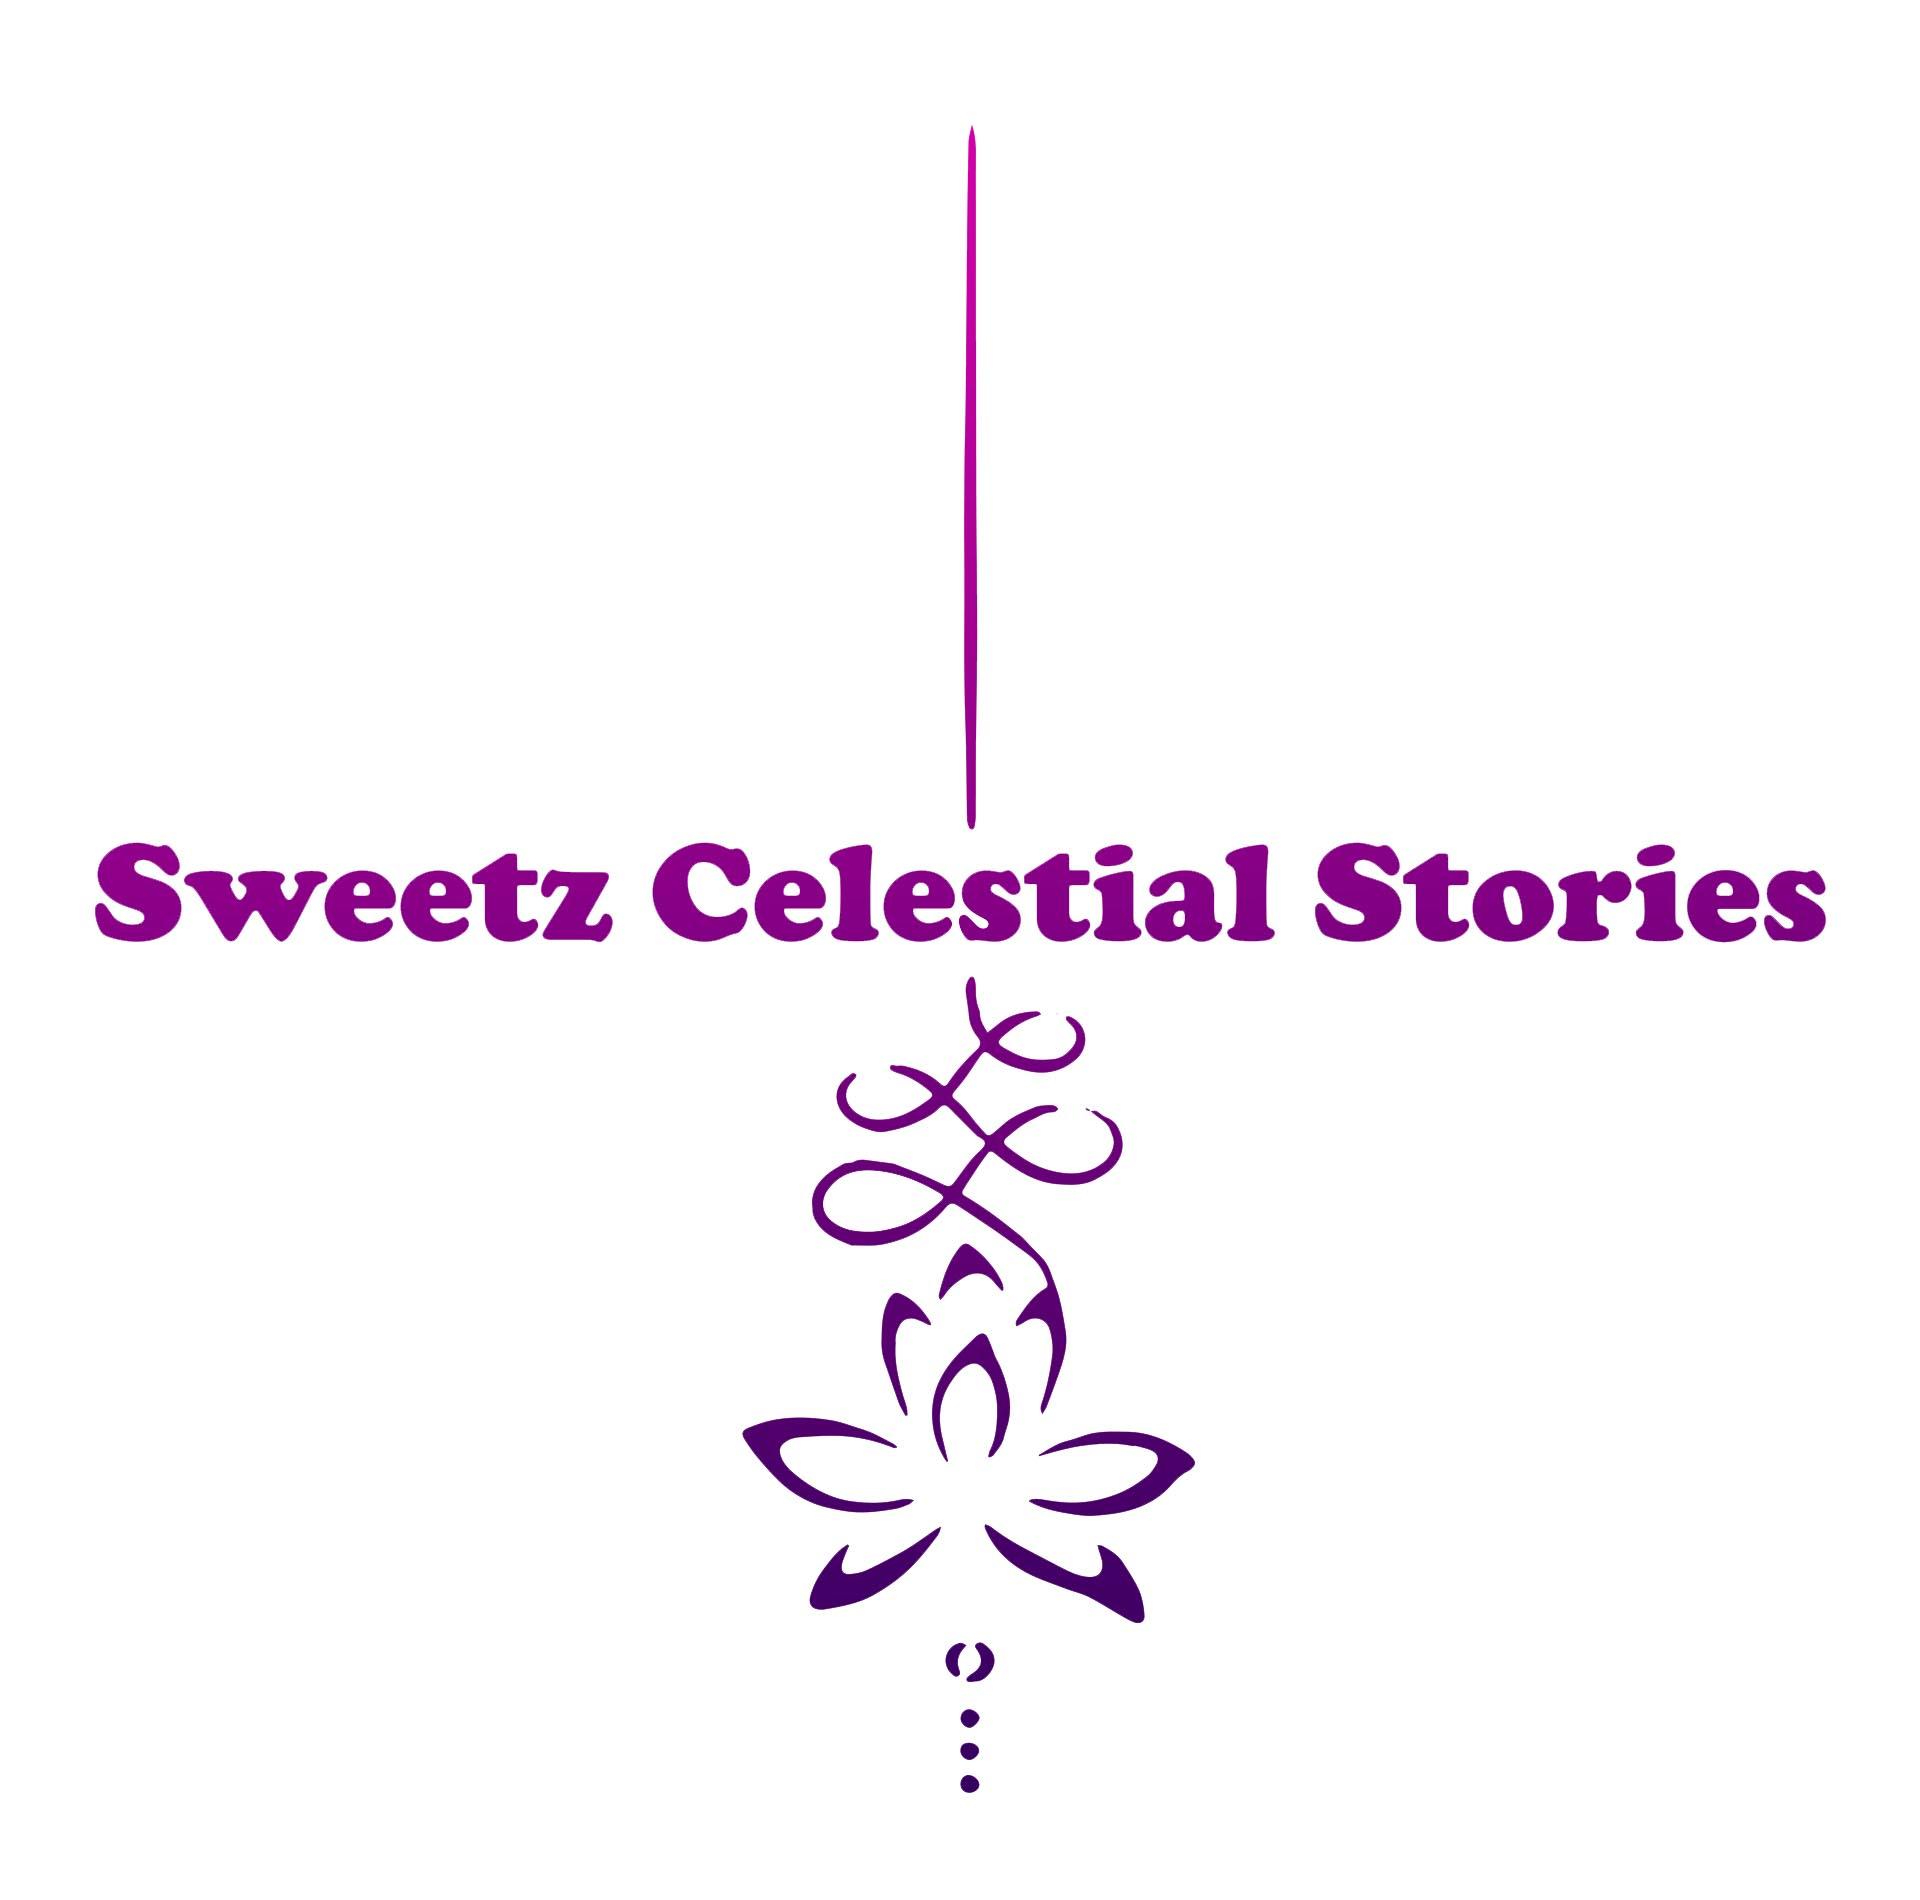 sweetzcelestialstories.jpg